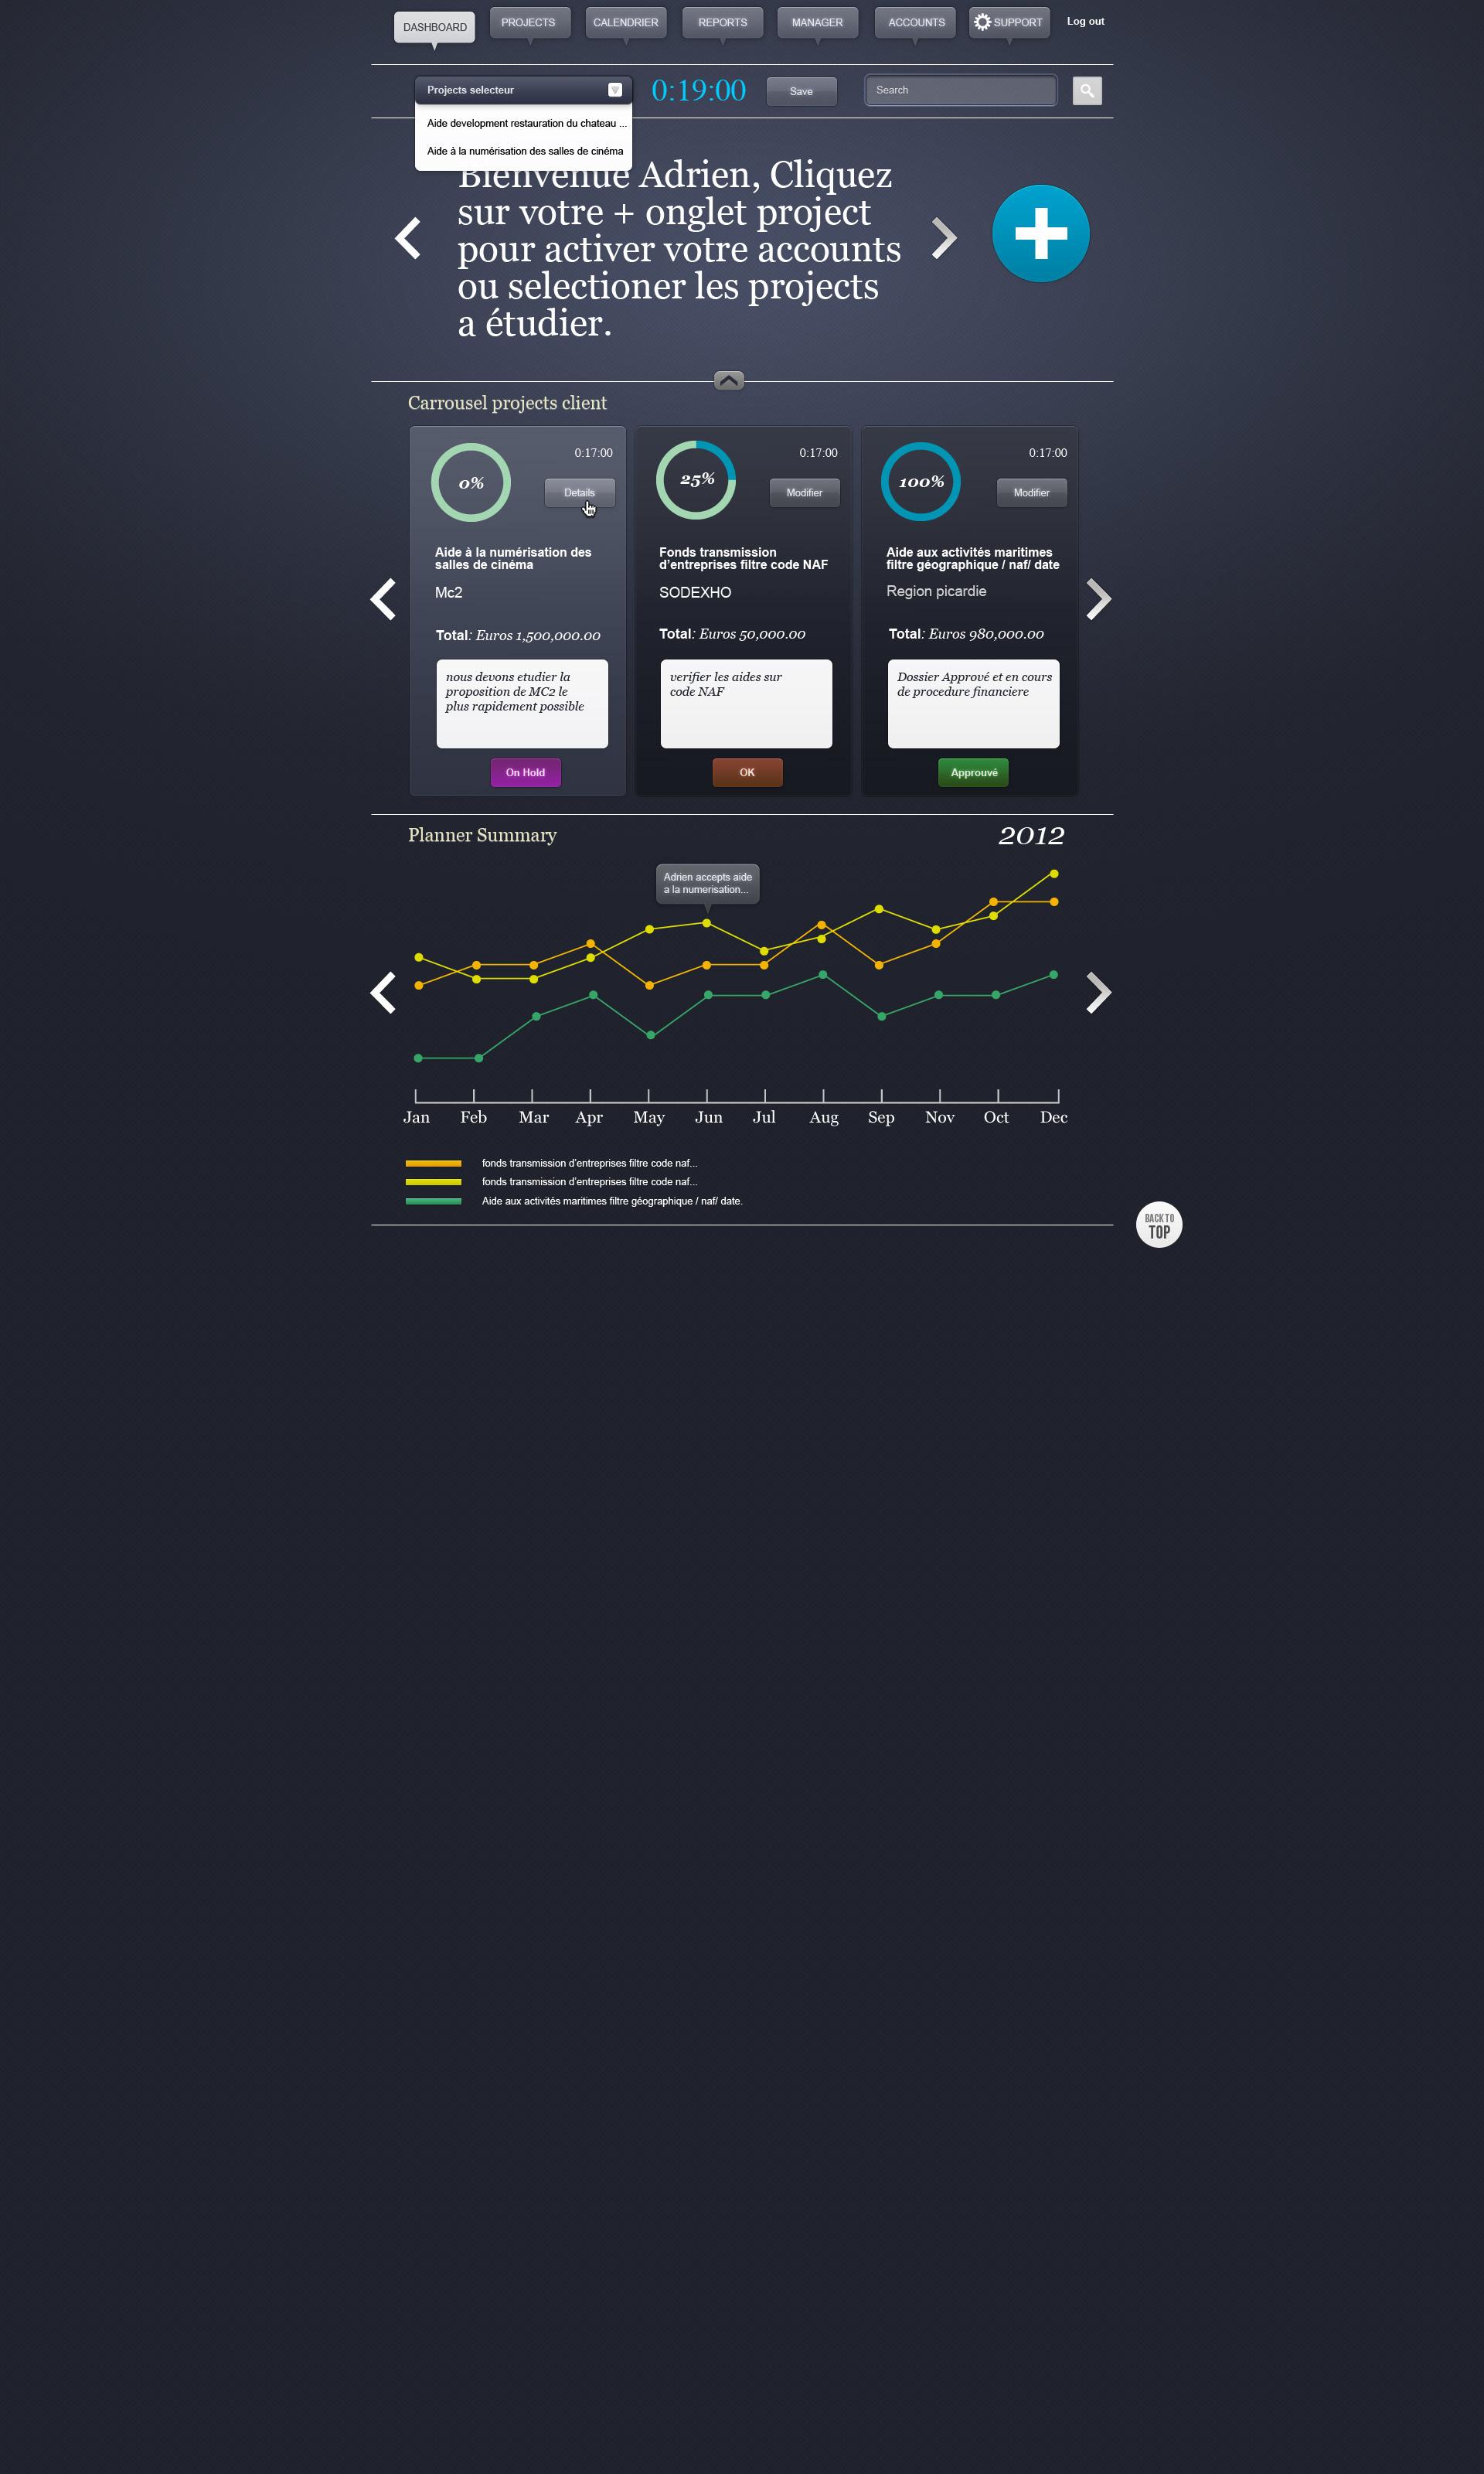 dashboard-homepage1.jpg